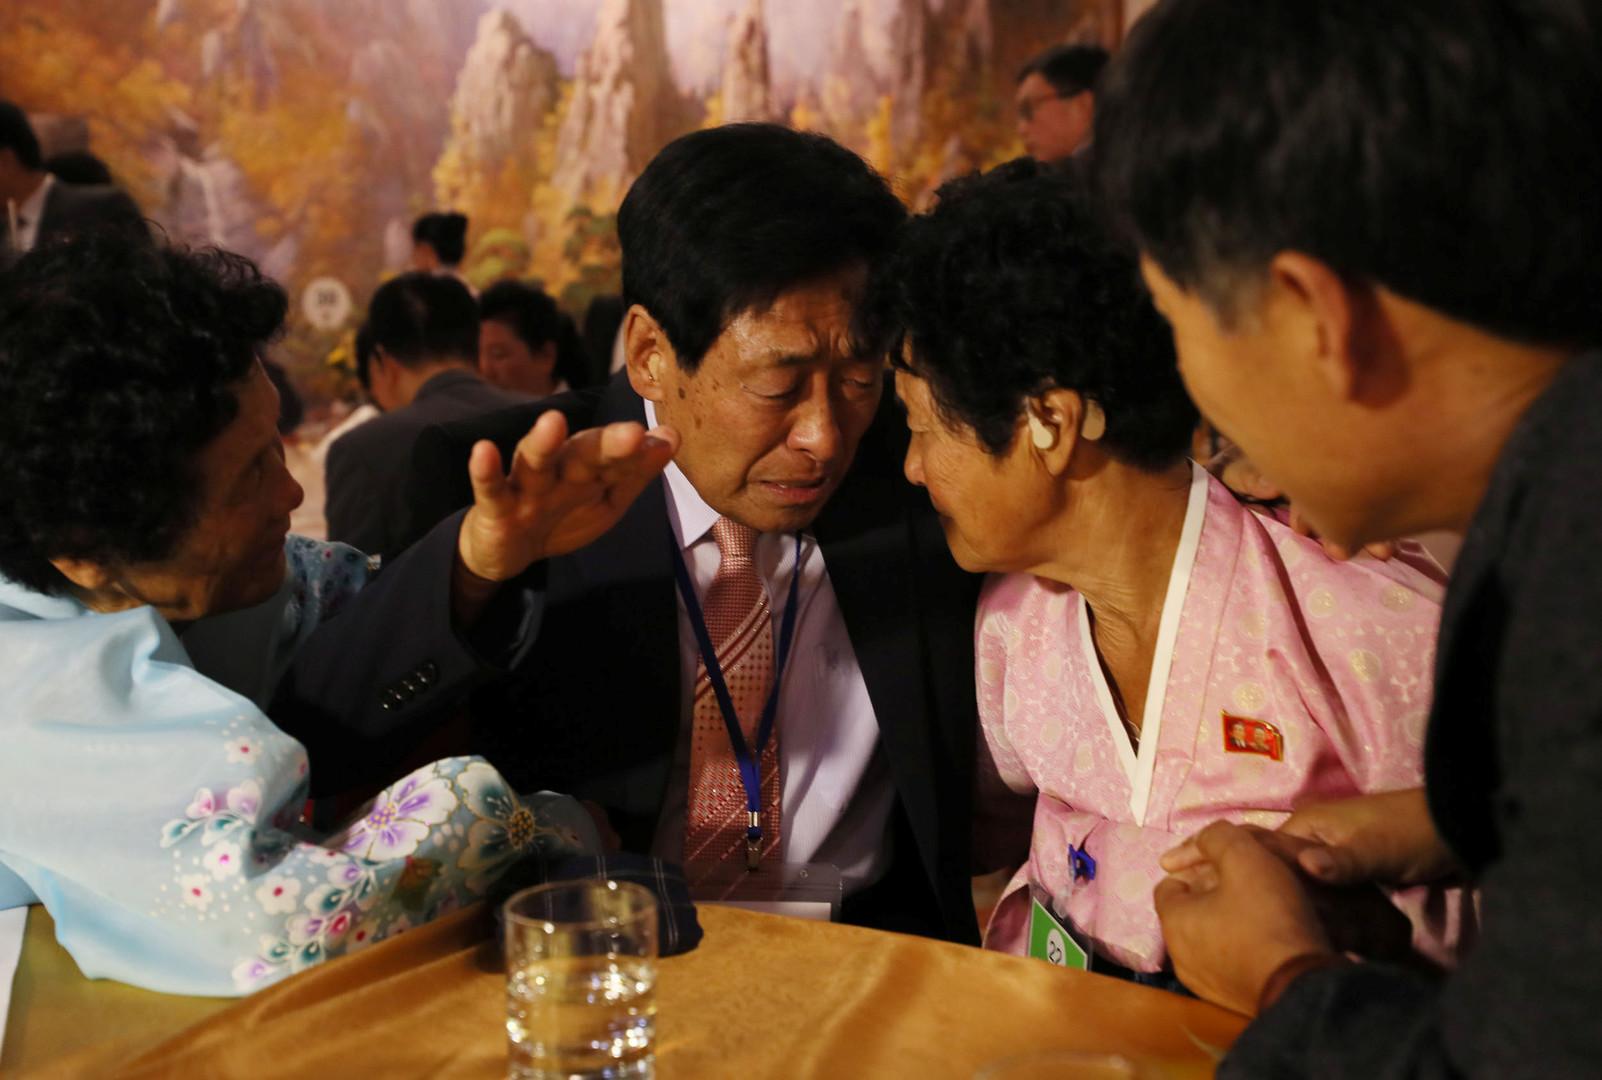 Tränenreiches Wiedersehen: Durch Krieg getrennte Familien treffen erstmals in Nordkorea zusammen